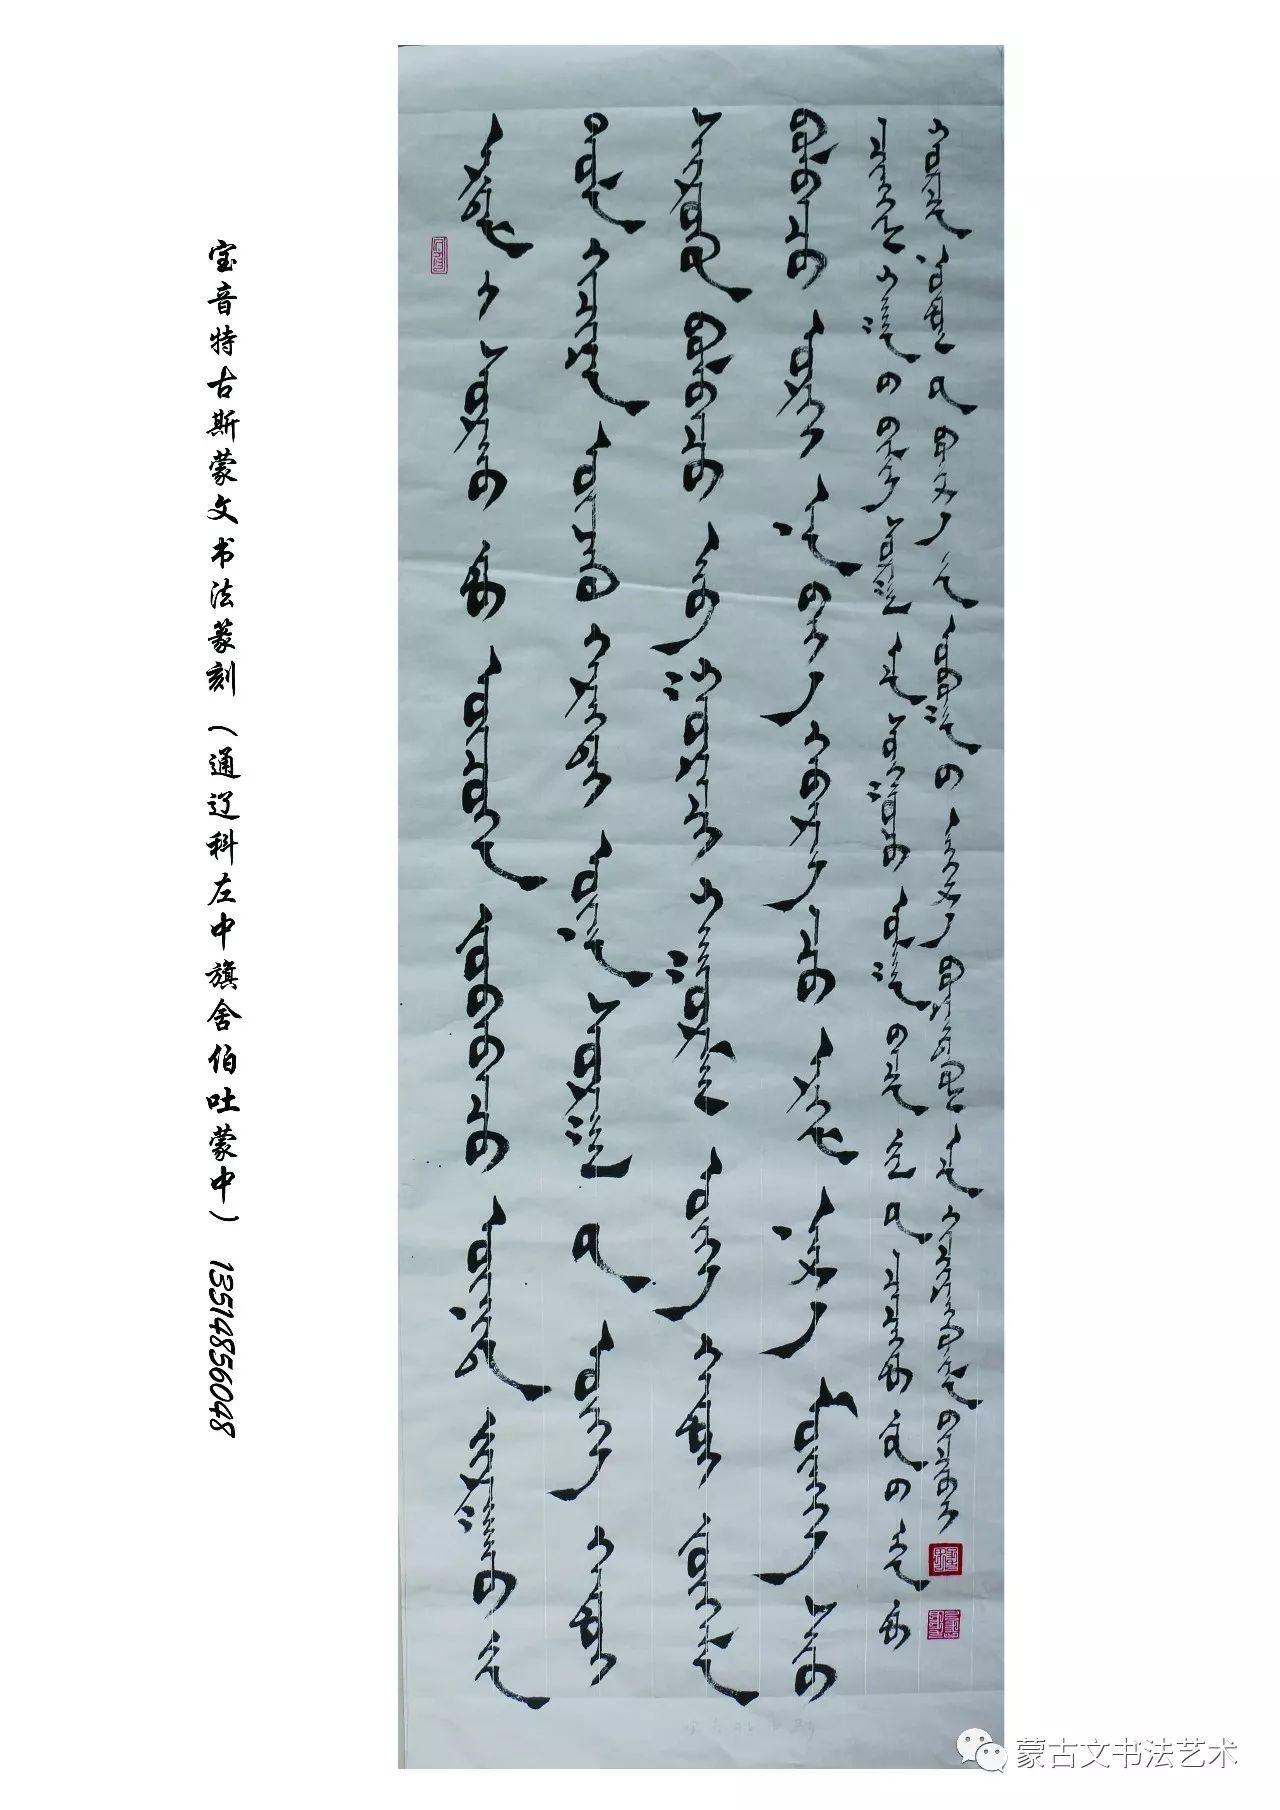 探索蒙古文书法之路-宝音特古斯 第1张